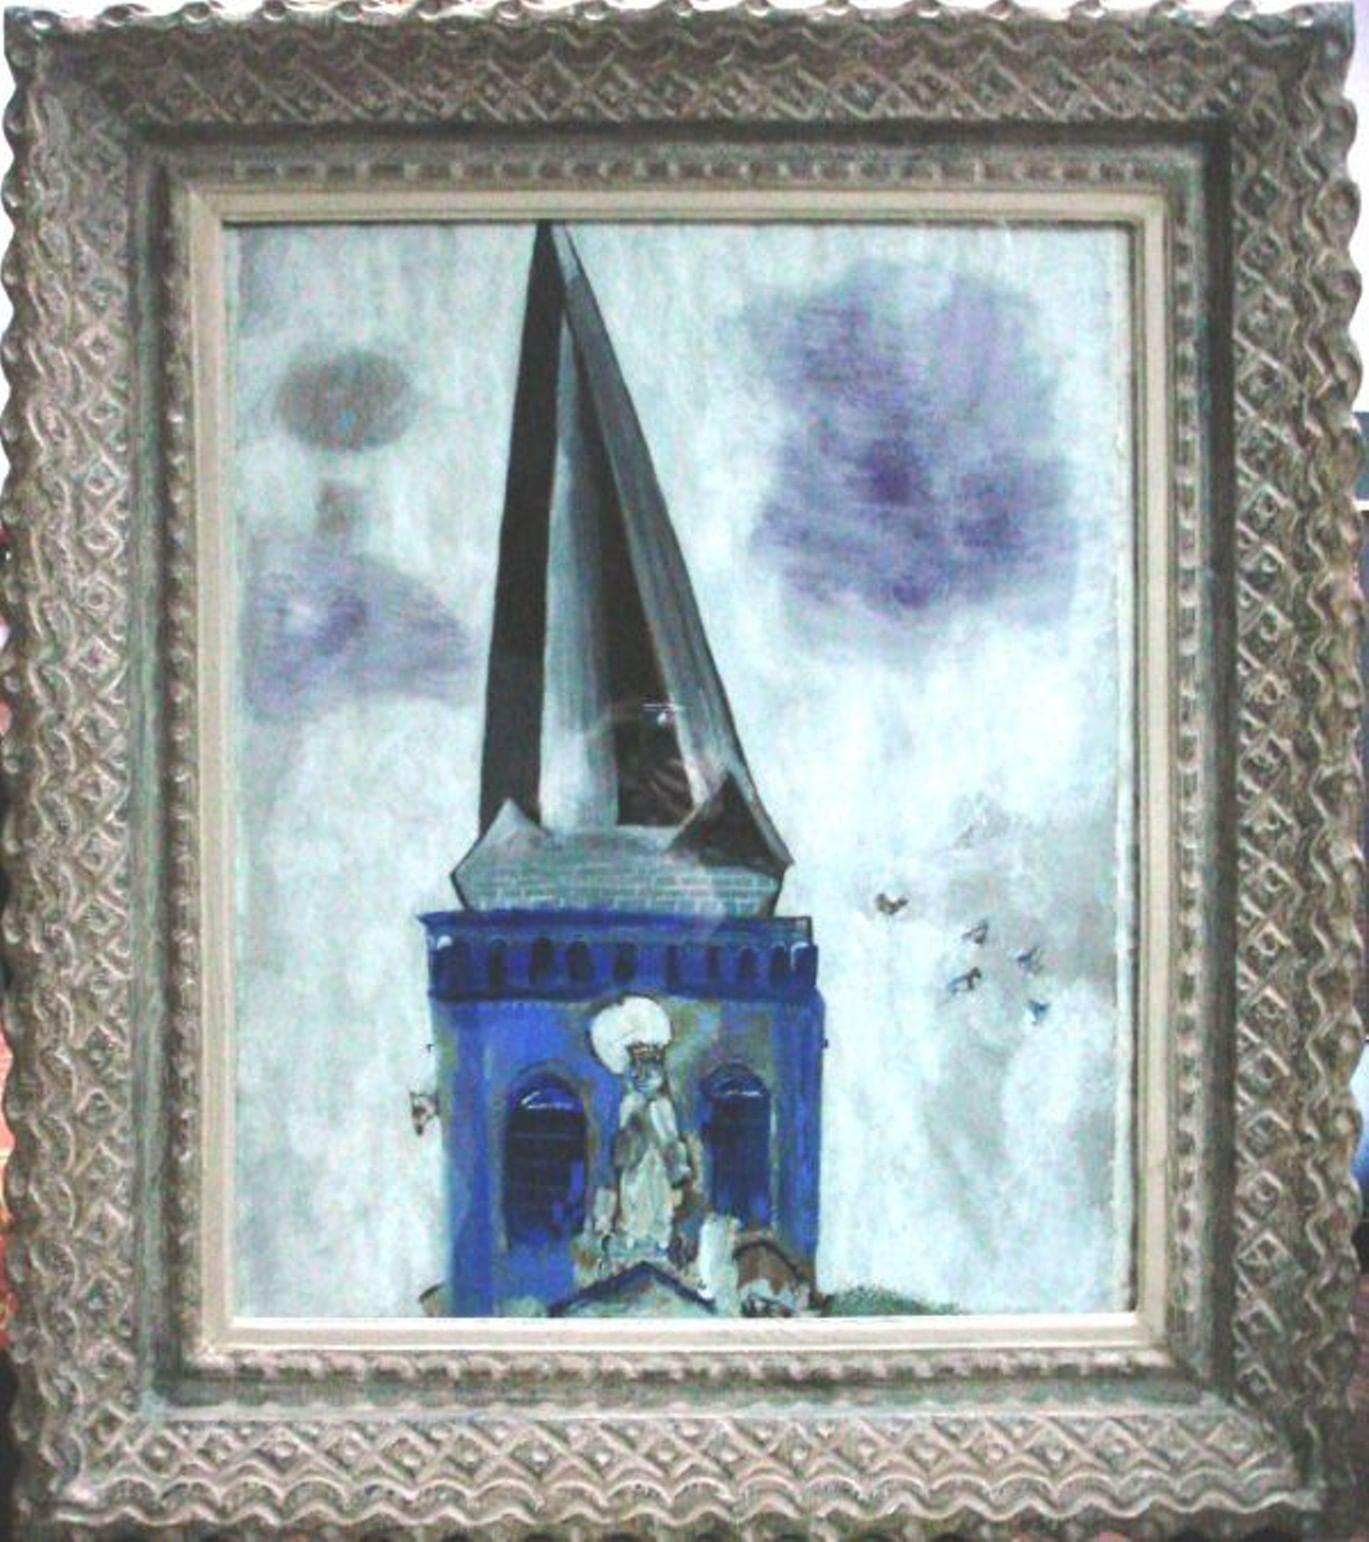 Произведения авангардистов из частных коллекций покажут на выставке «Штрихи к авангарду»